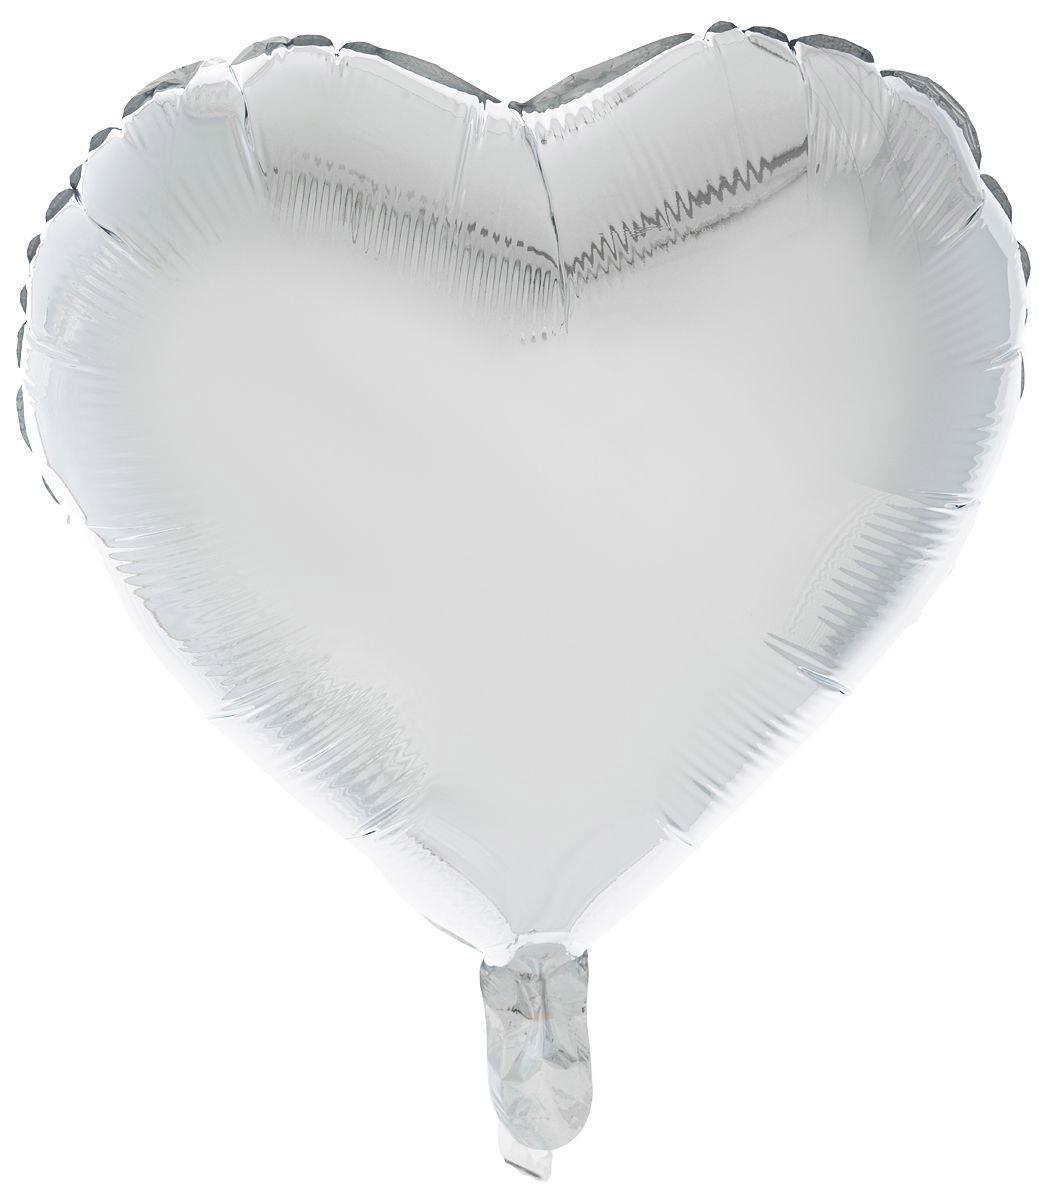 Sima-land Воздушный шарик Сердце 18 цвет серебристый -  Воздушные шарики